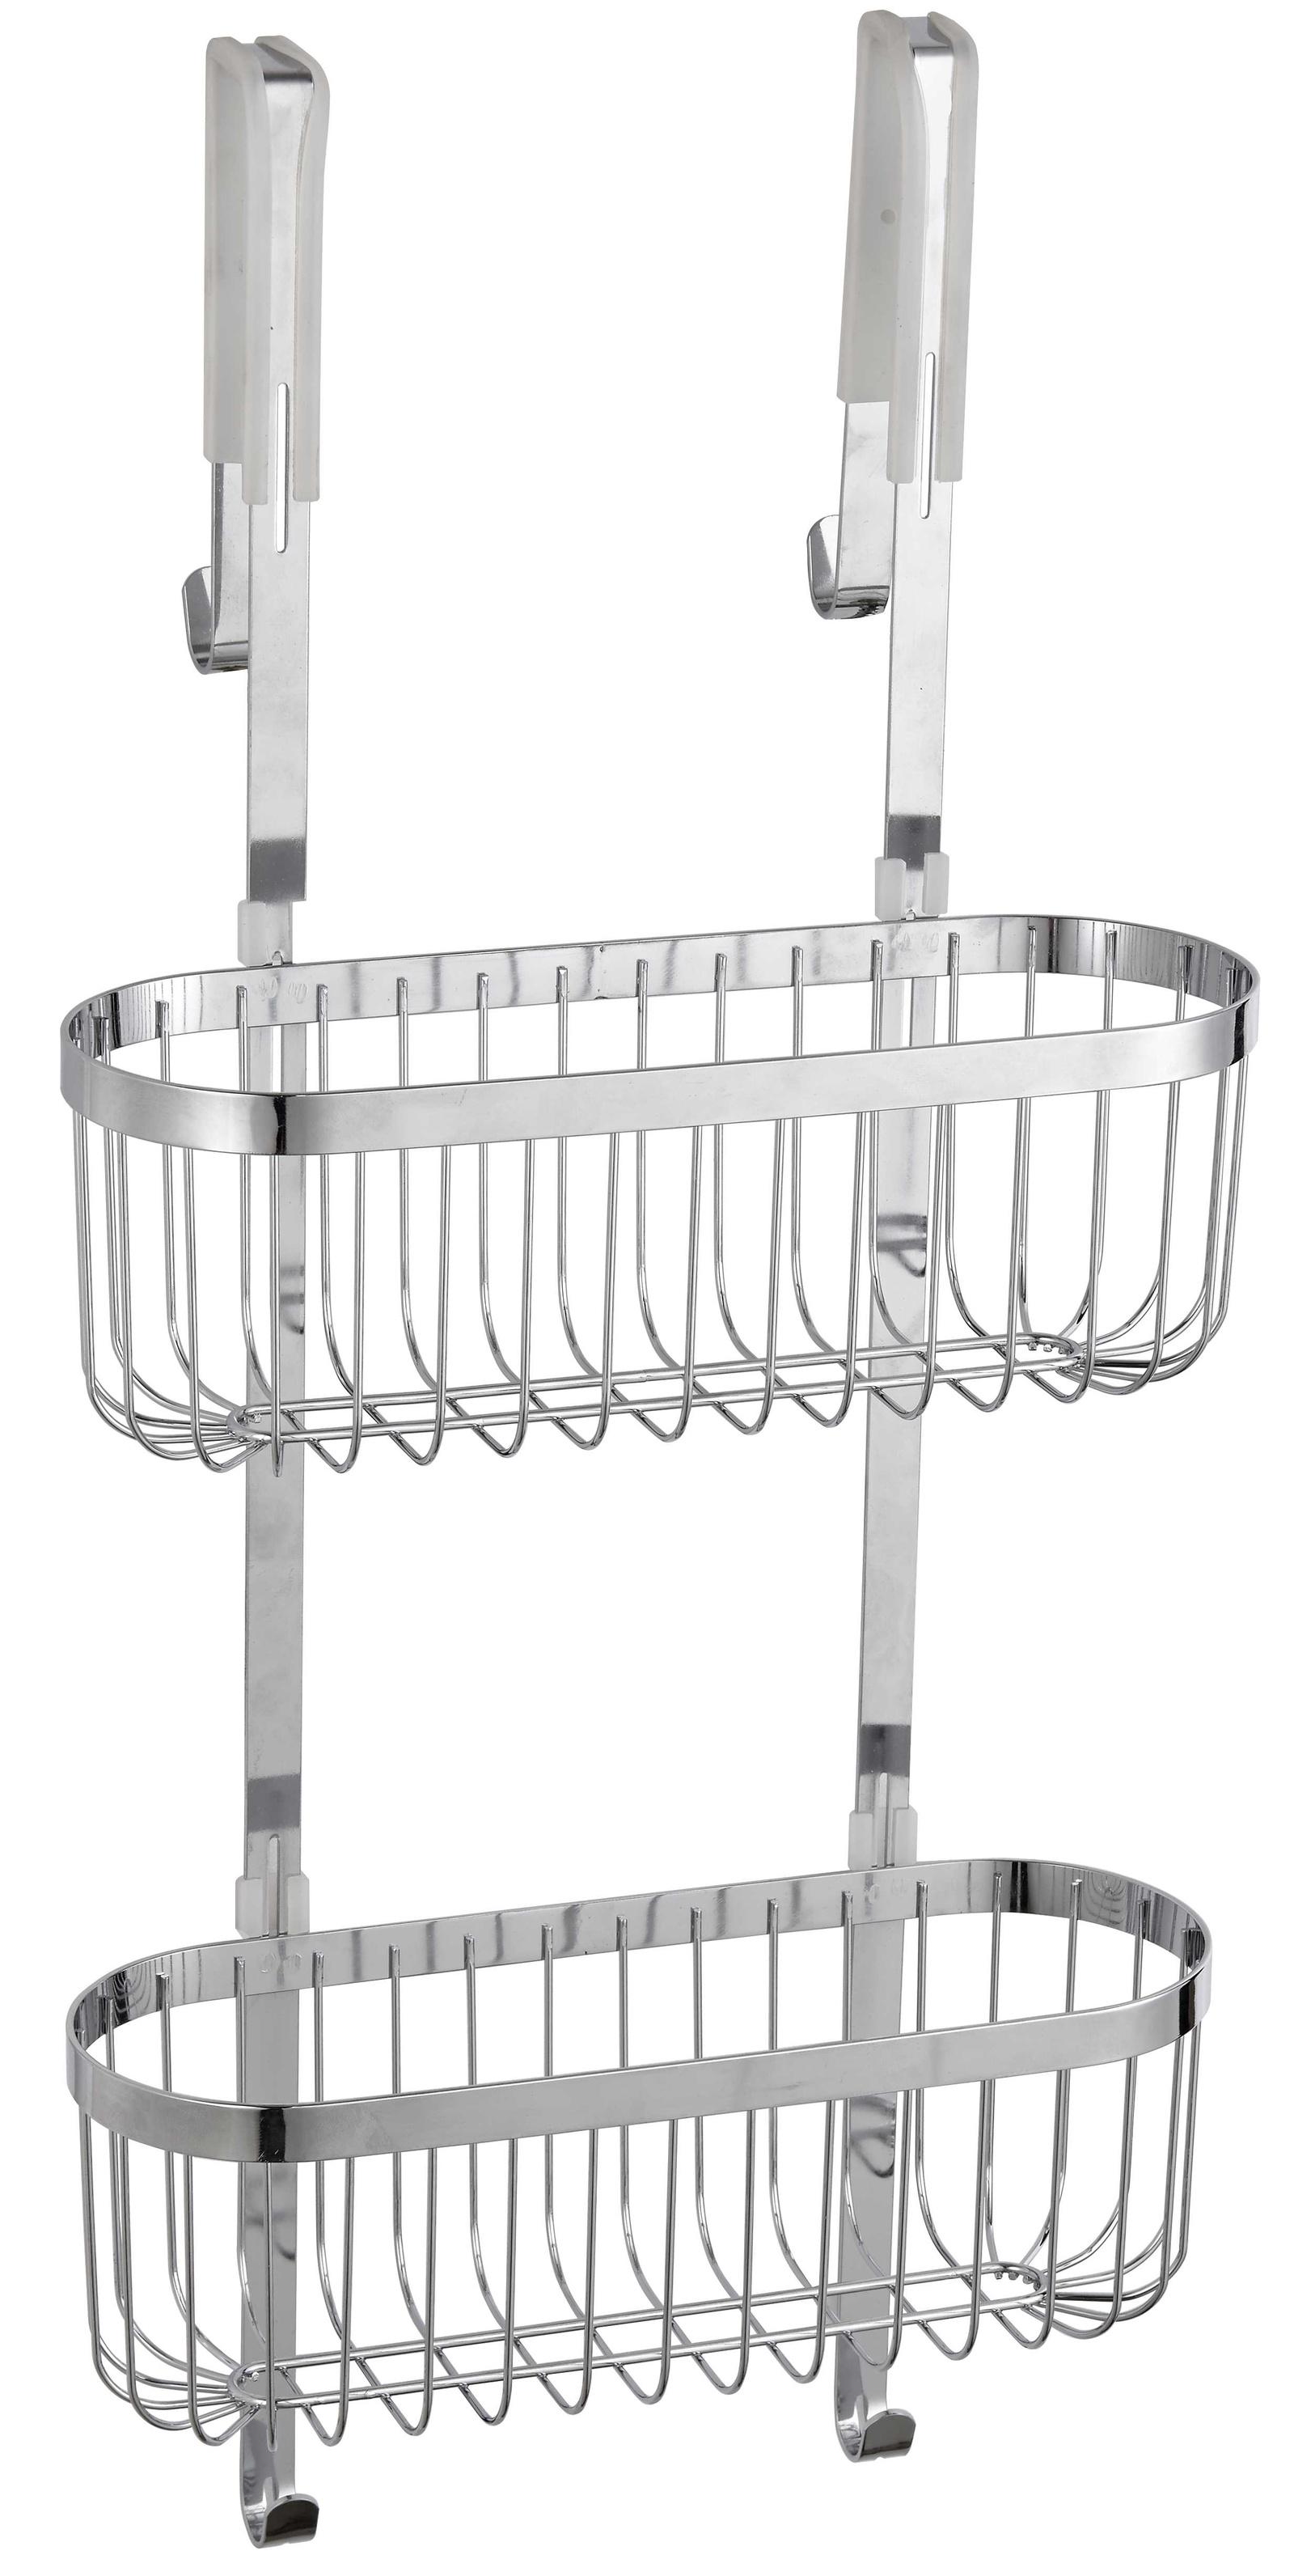 Полка для ванной комнаты Swensa SWR-2233, Металл для ванной дверь